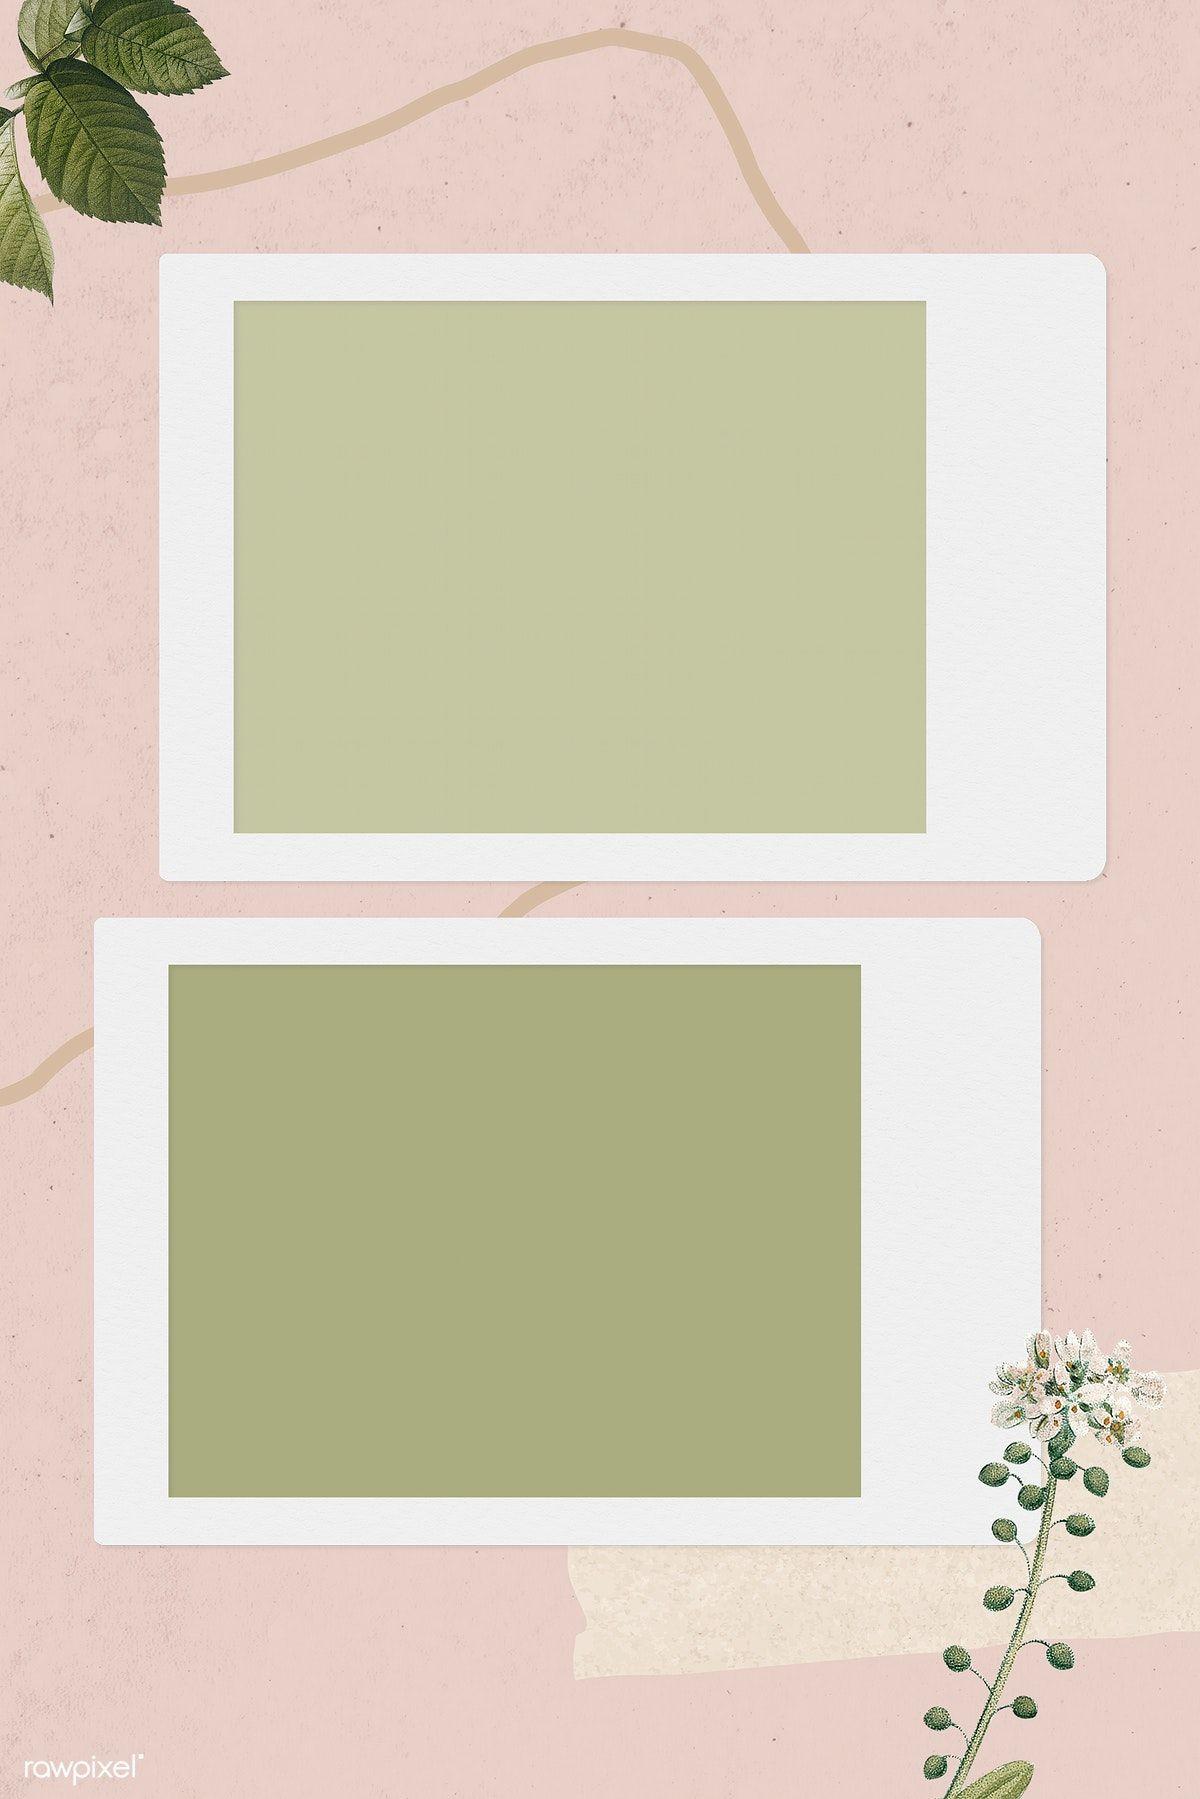 Download Premium Illustration Of Blank Collage Photo Frame Template On Latar Belakang Kolase Foto Kertas Dinding